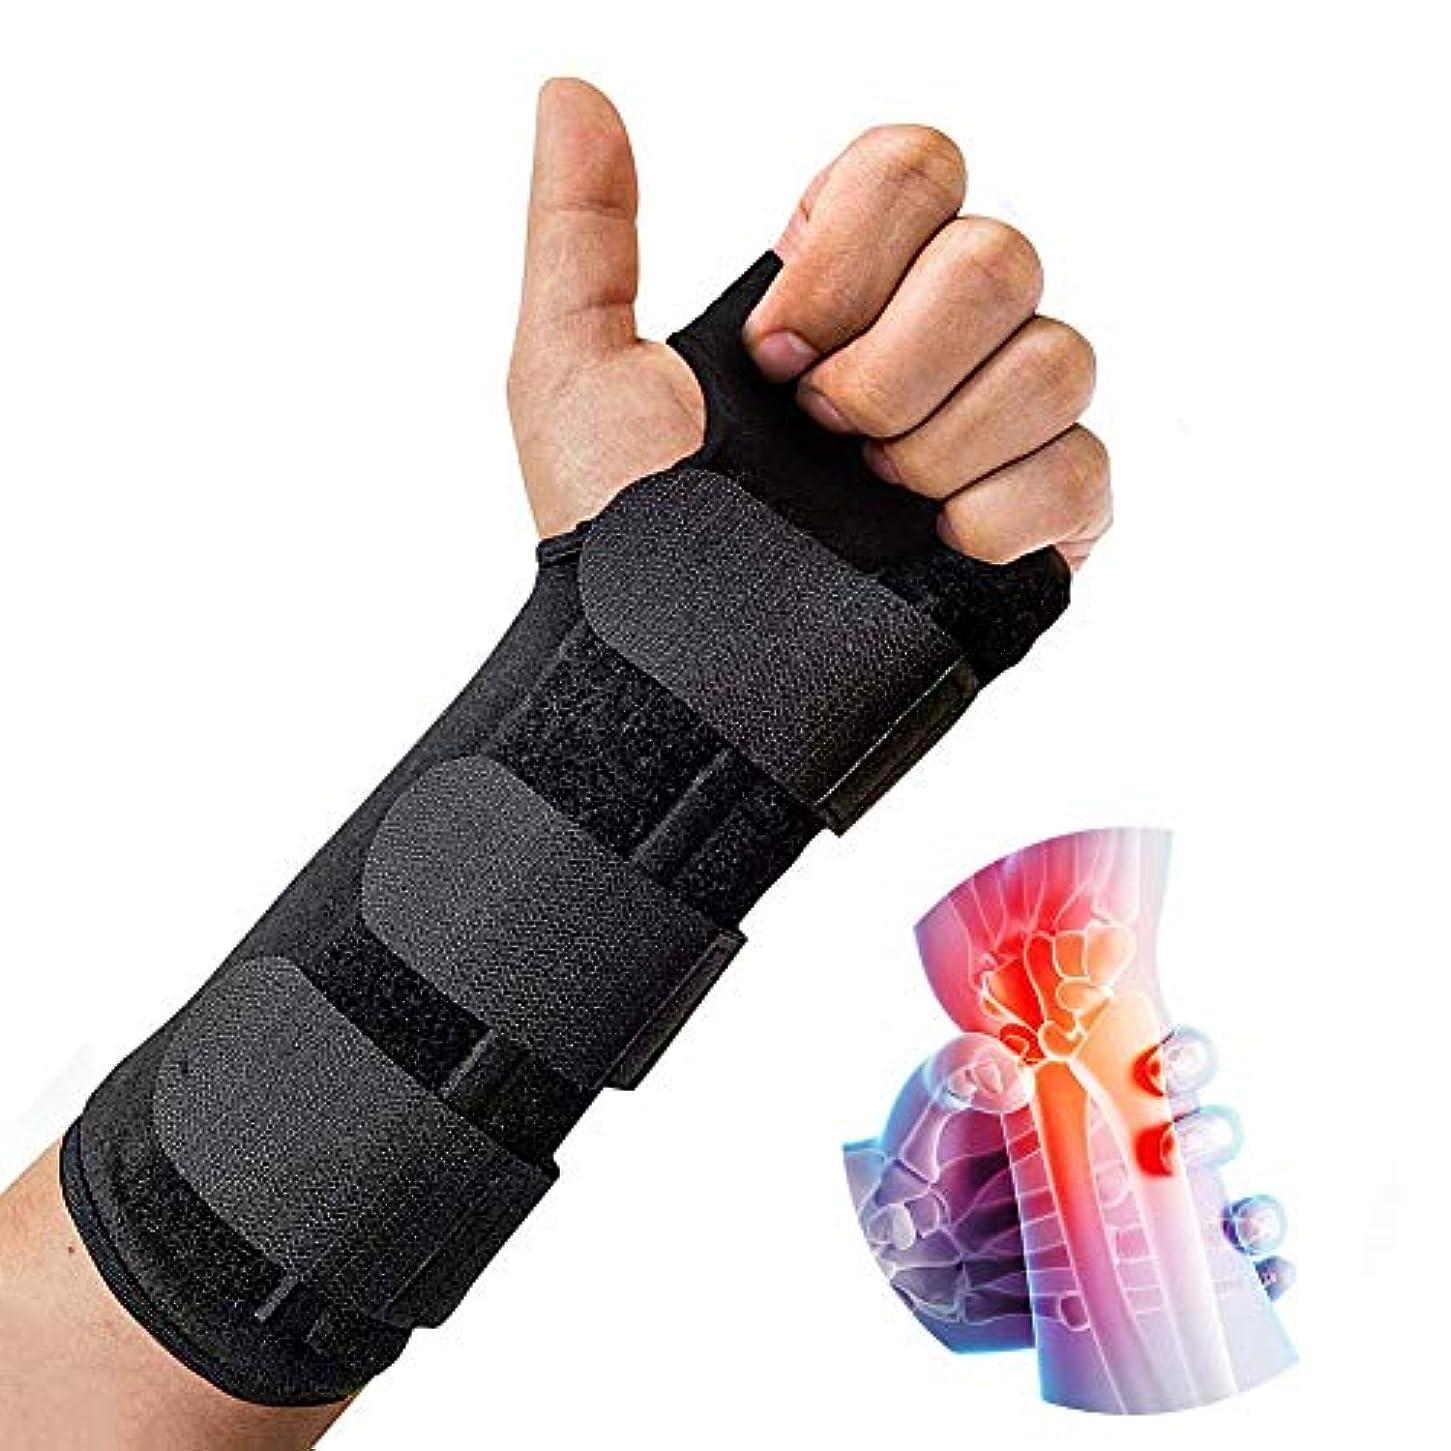 閃光ベンチャー積分手首 固定 サポーター 、クッションパッド付きの調整可能な軽量スプリントは、手根管関節炎、腱炎、骨折捻Spに最適な快適さを提供します。,Left,M